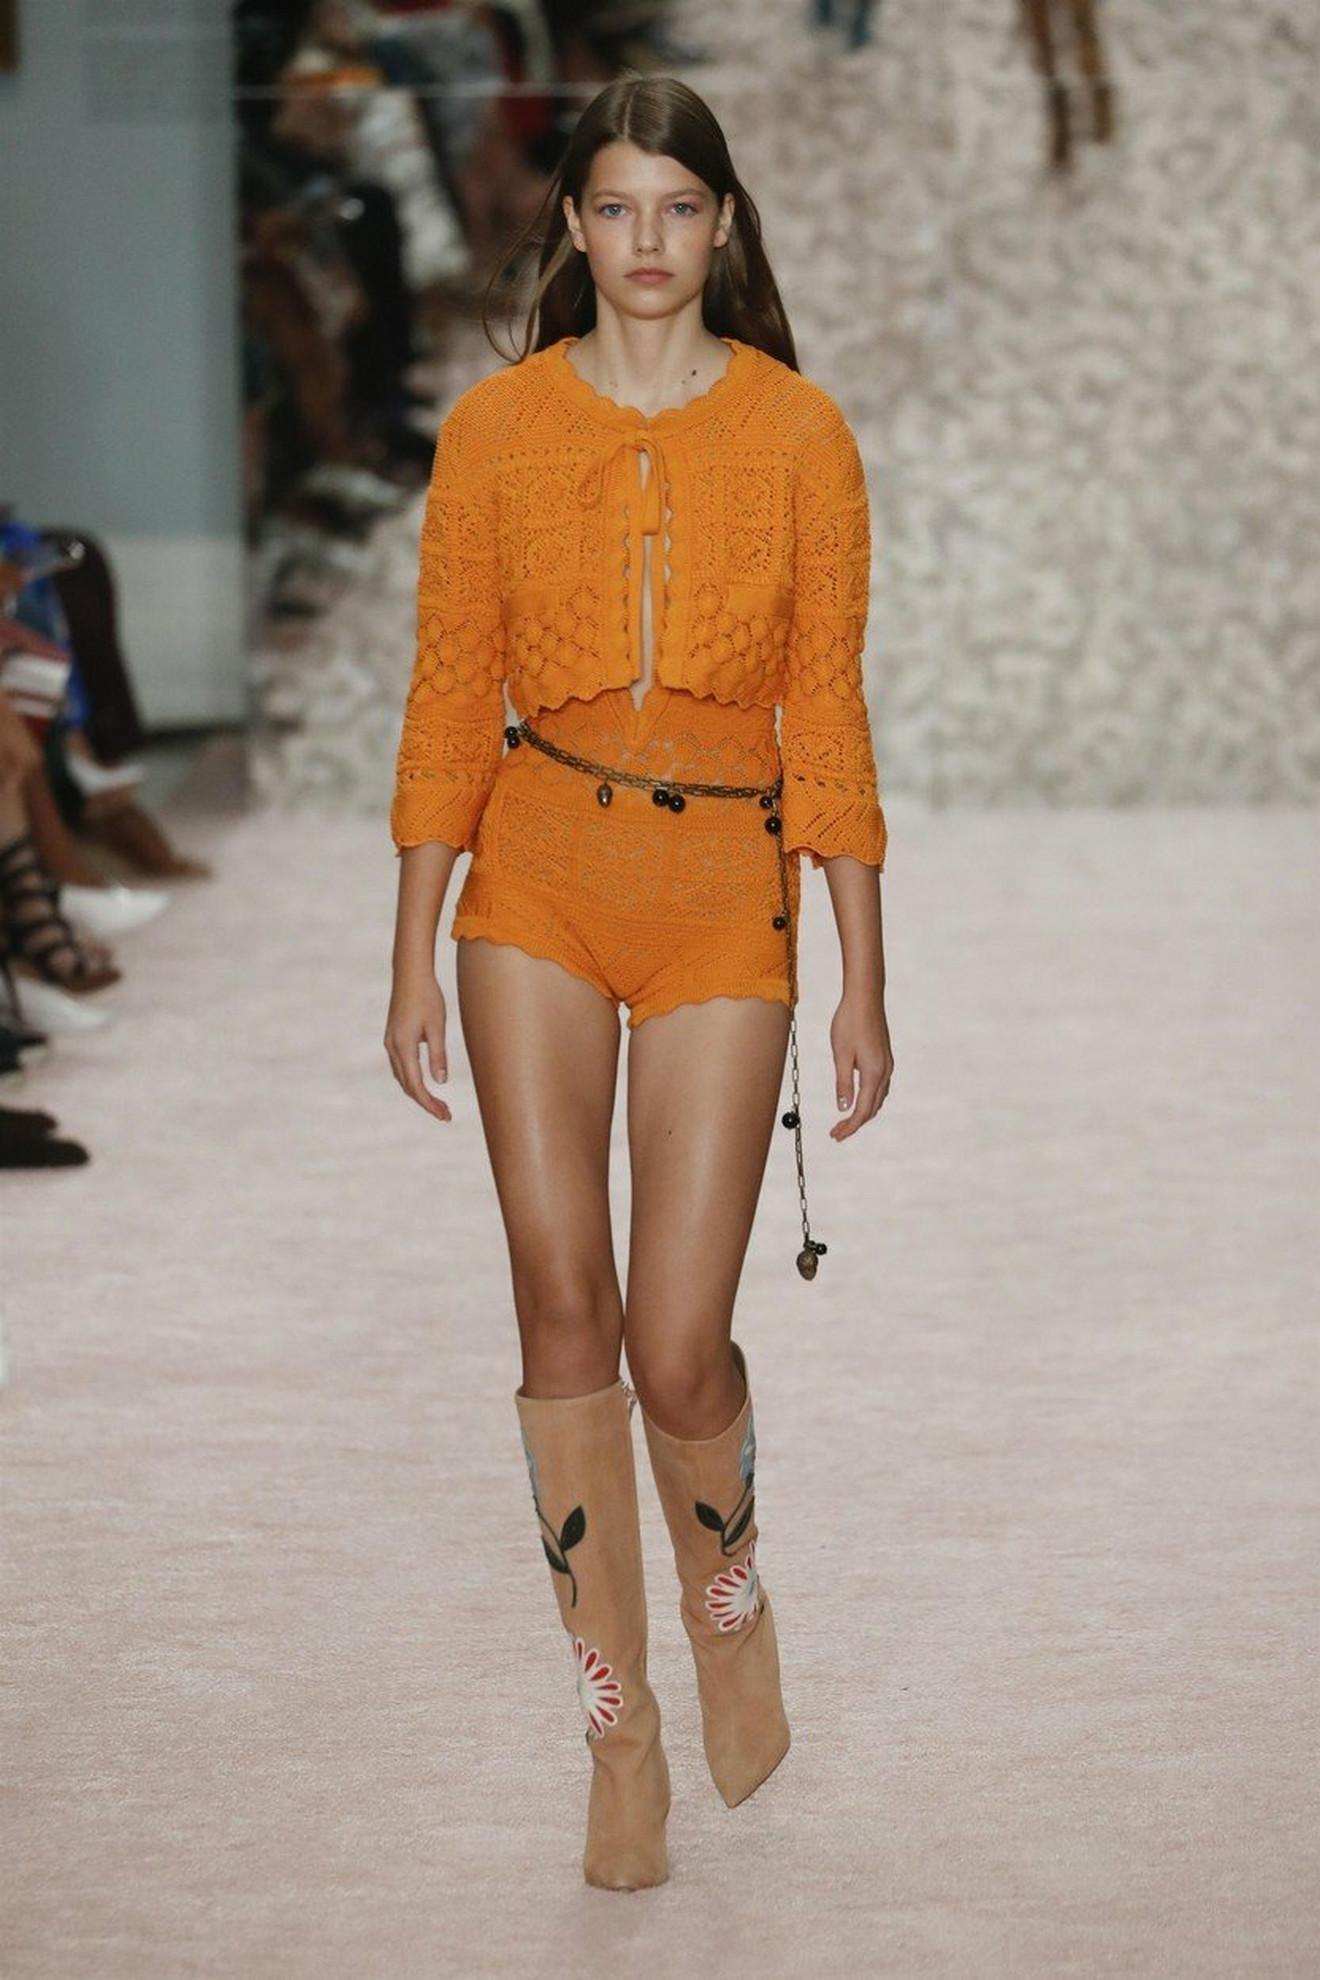 Model Karoline Herere